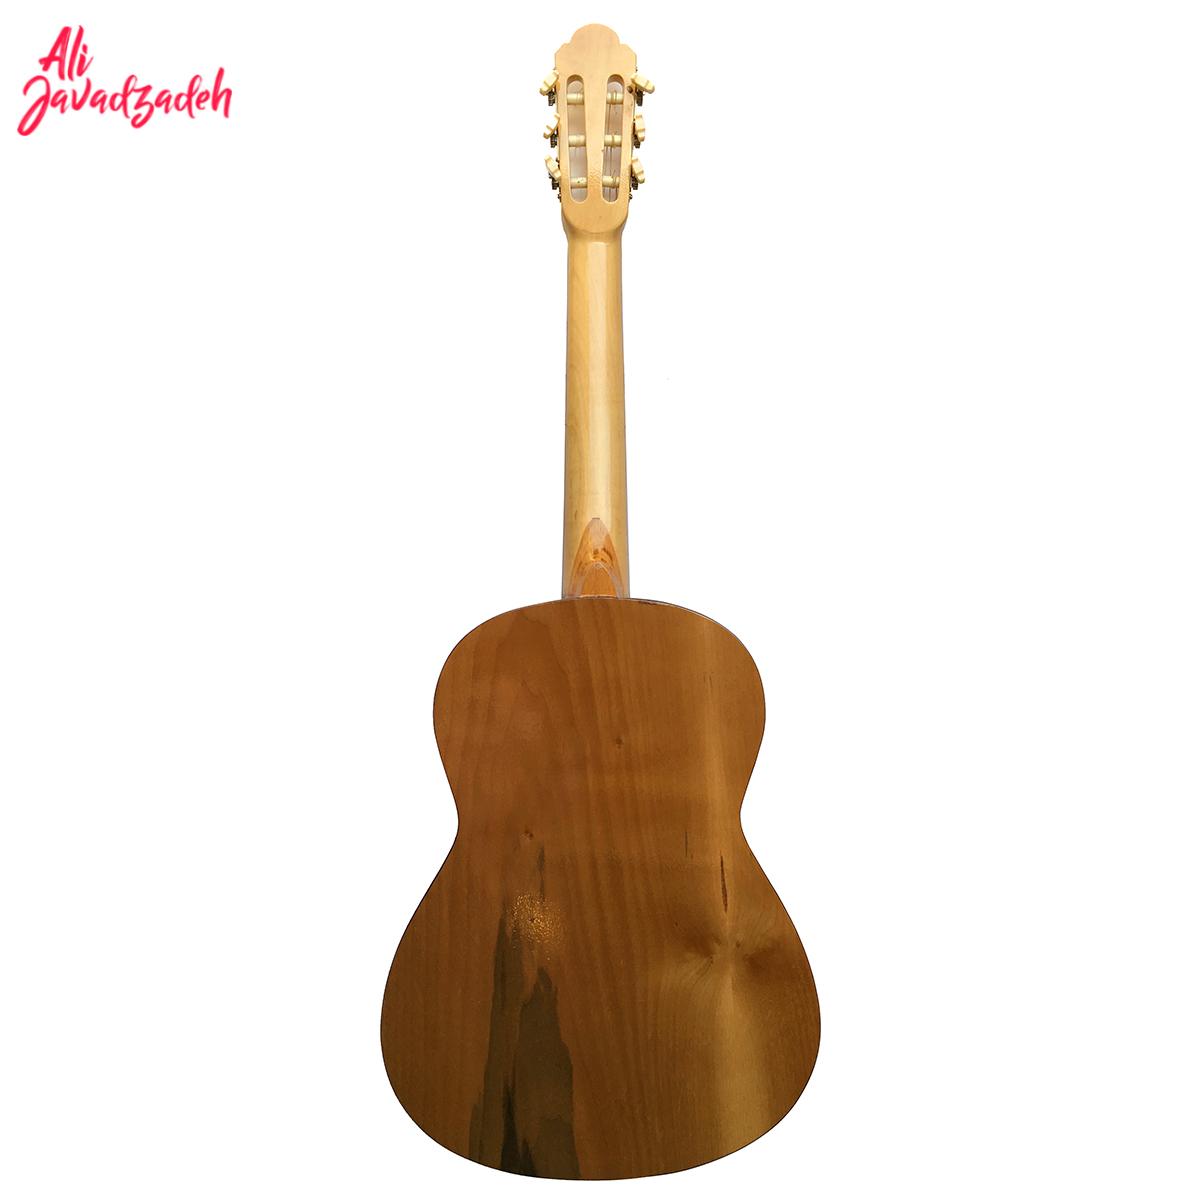 گیتار کلاسیک کوردوبا مدل m-t01